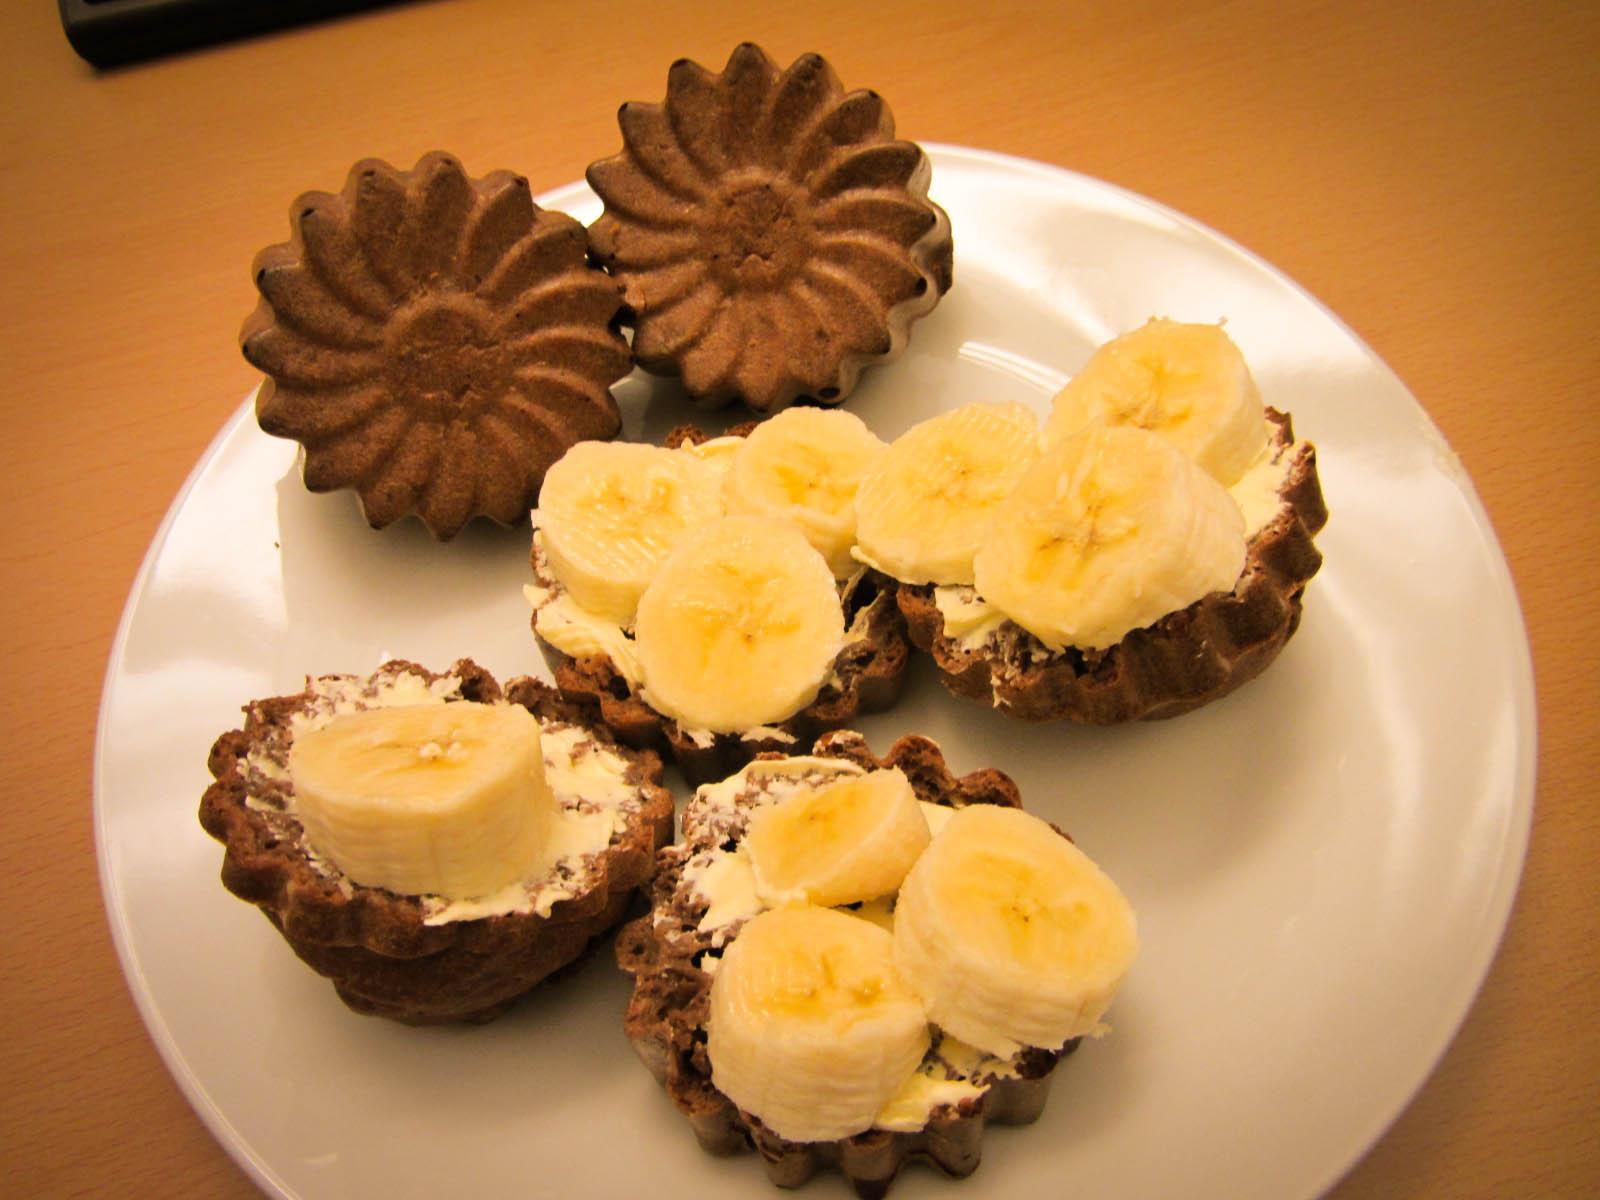 kirsche banane muffins mit buttermilch rezepte suchen. Black Bedroom Furniture Sets. Home Design Ideas